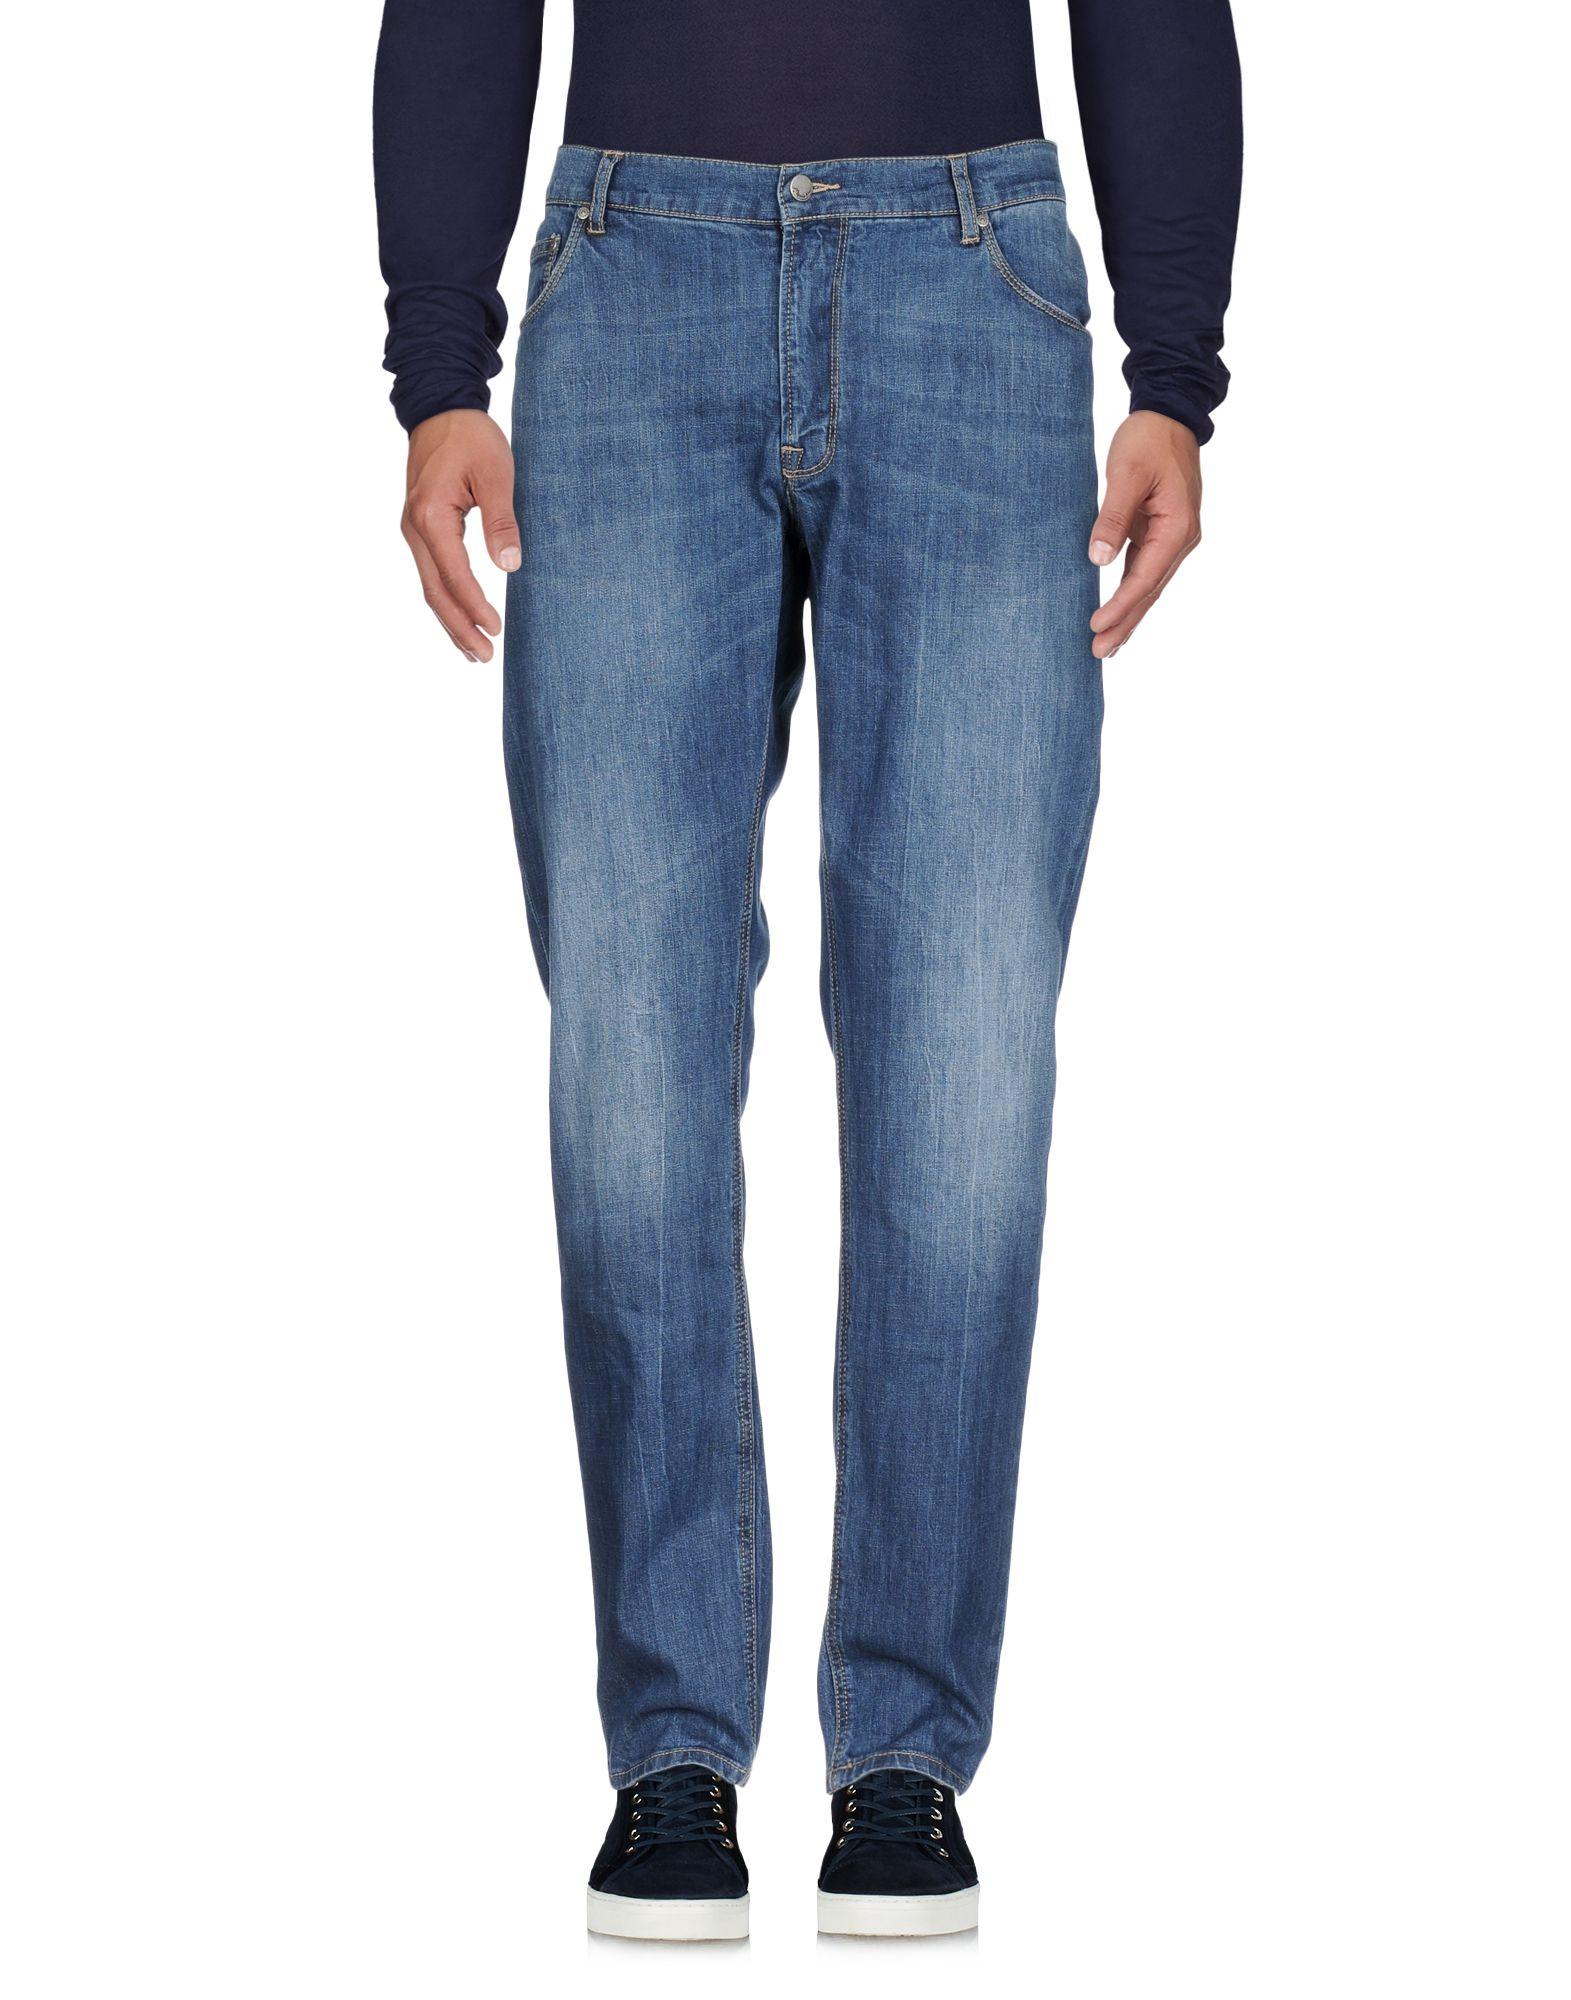 Pantaloni Homme Jeans Daniele Alessandrini Homme Pantaloni Uomo - 42677503KL a861c2